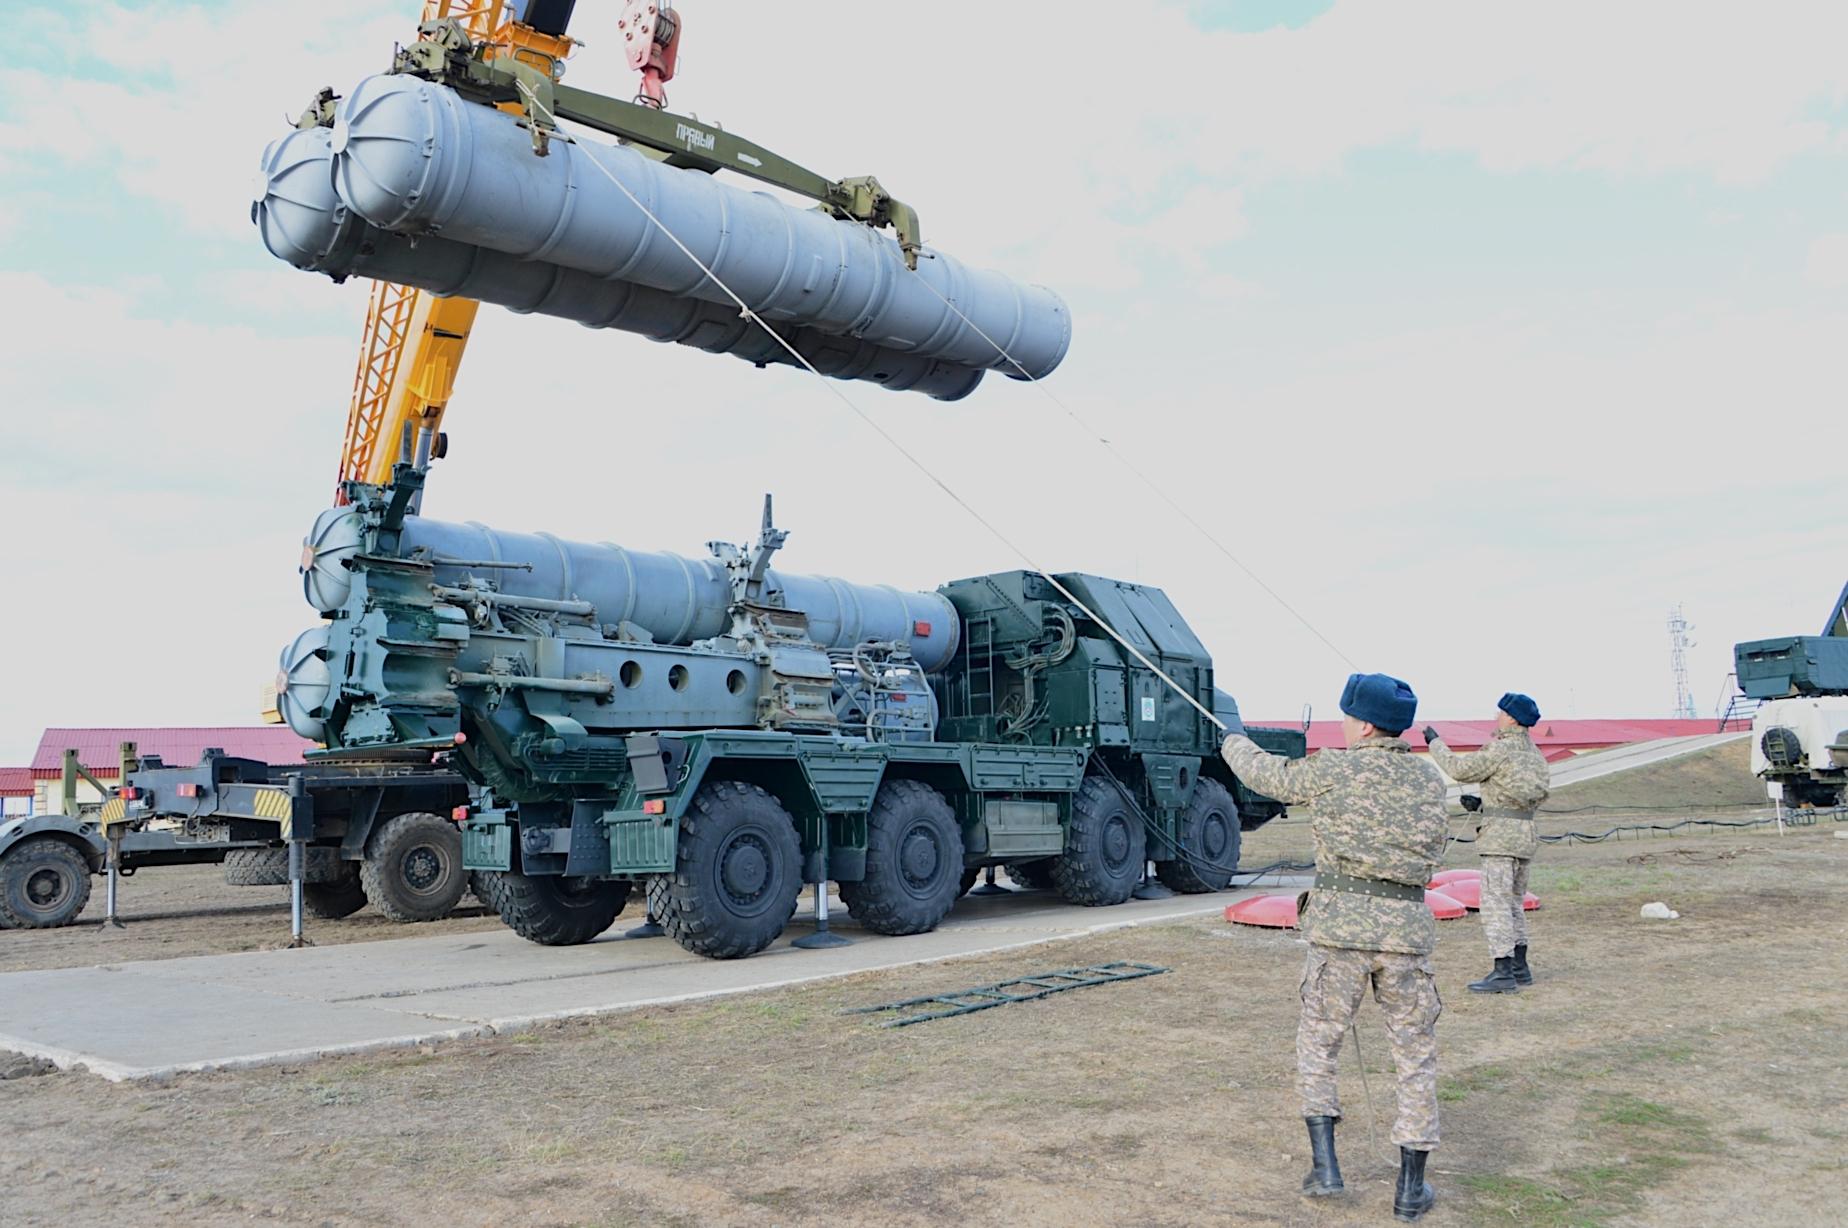 Корыстный российский план противоракетной обороны для Центральной Азии вызвал обеспокоенность в регионе